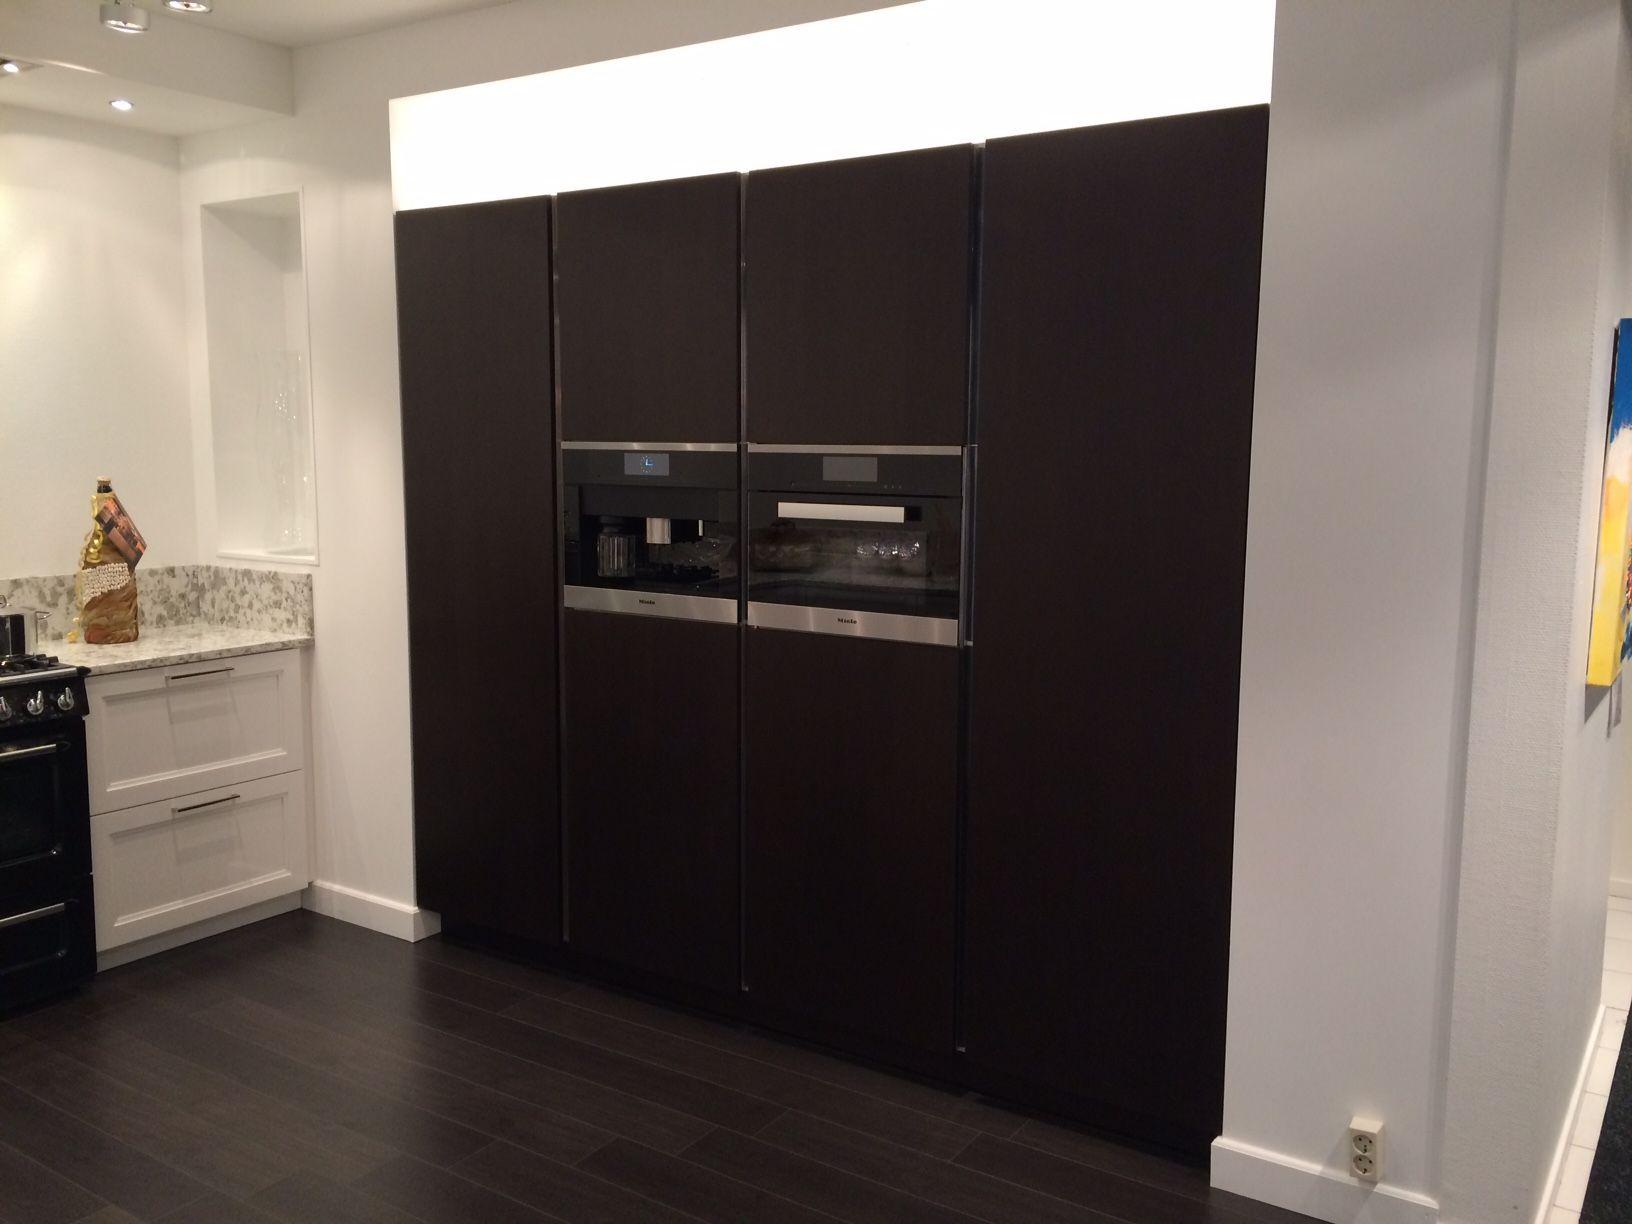 Siematic Keuken Renoveren : Altijd de beste keukenprijs! SieMatic Classic BeauxArts [39383